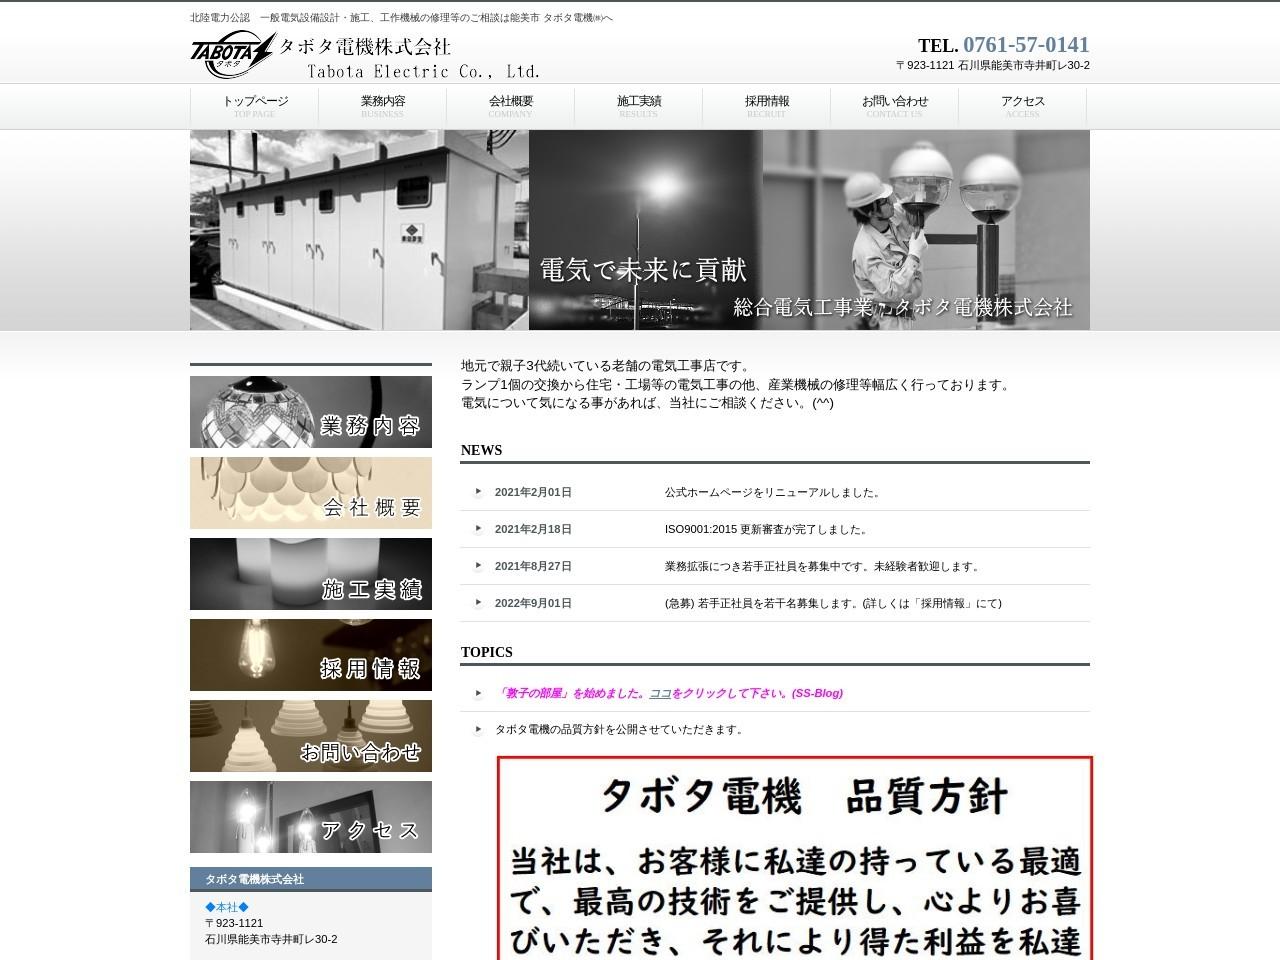 タボタ電機株式会社